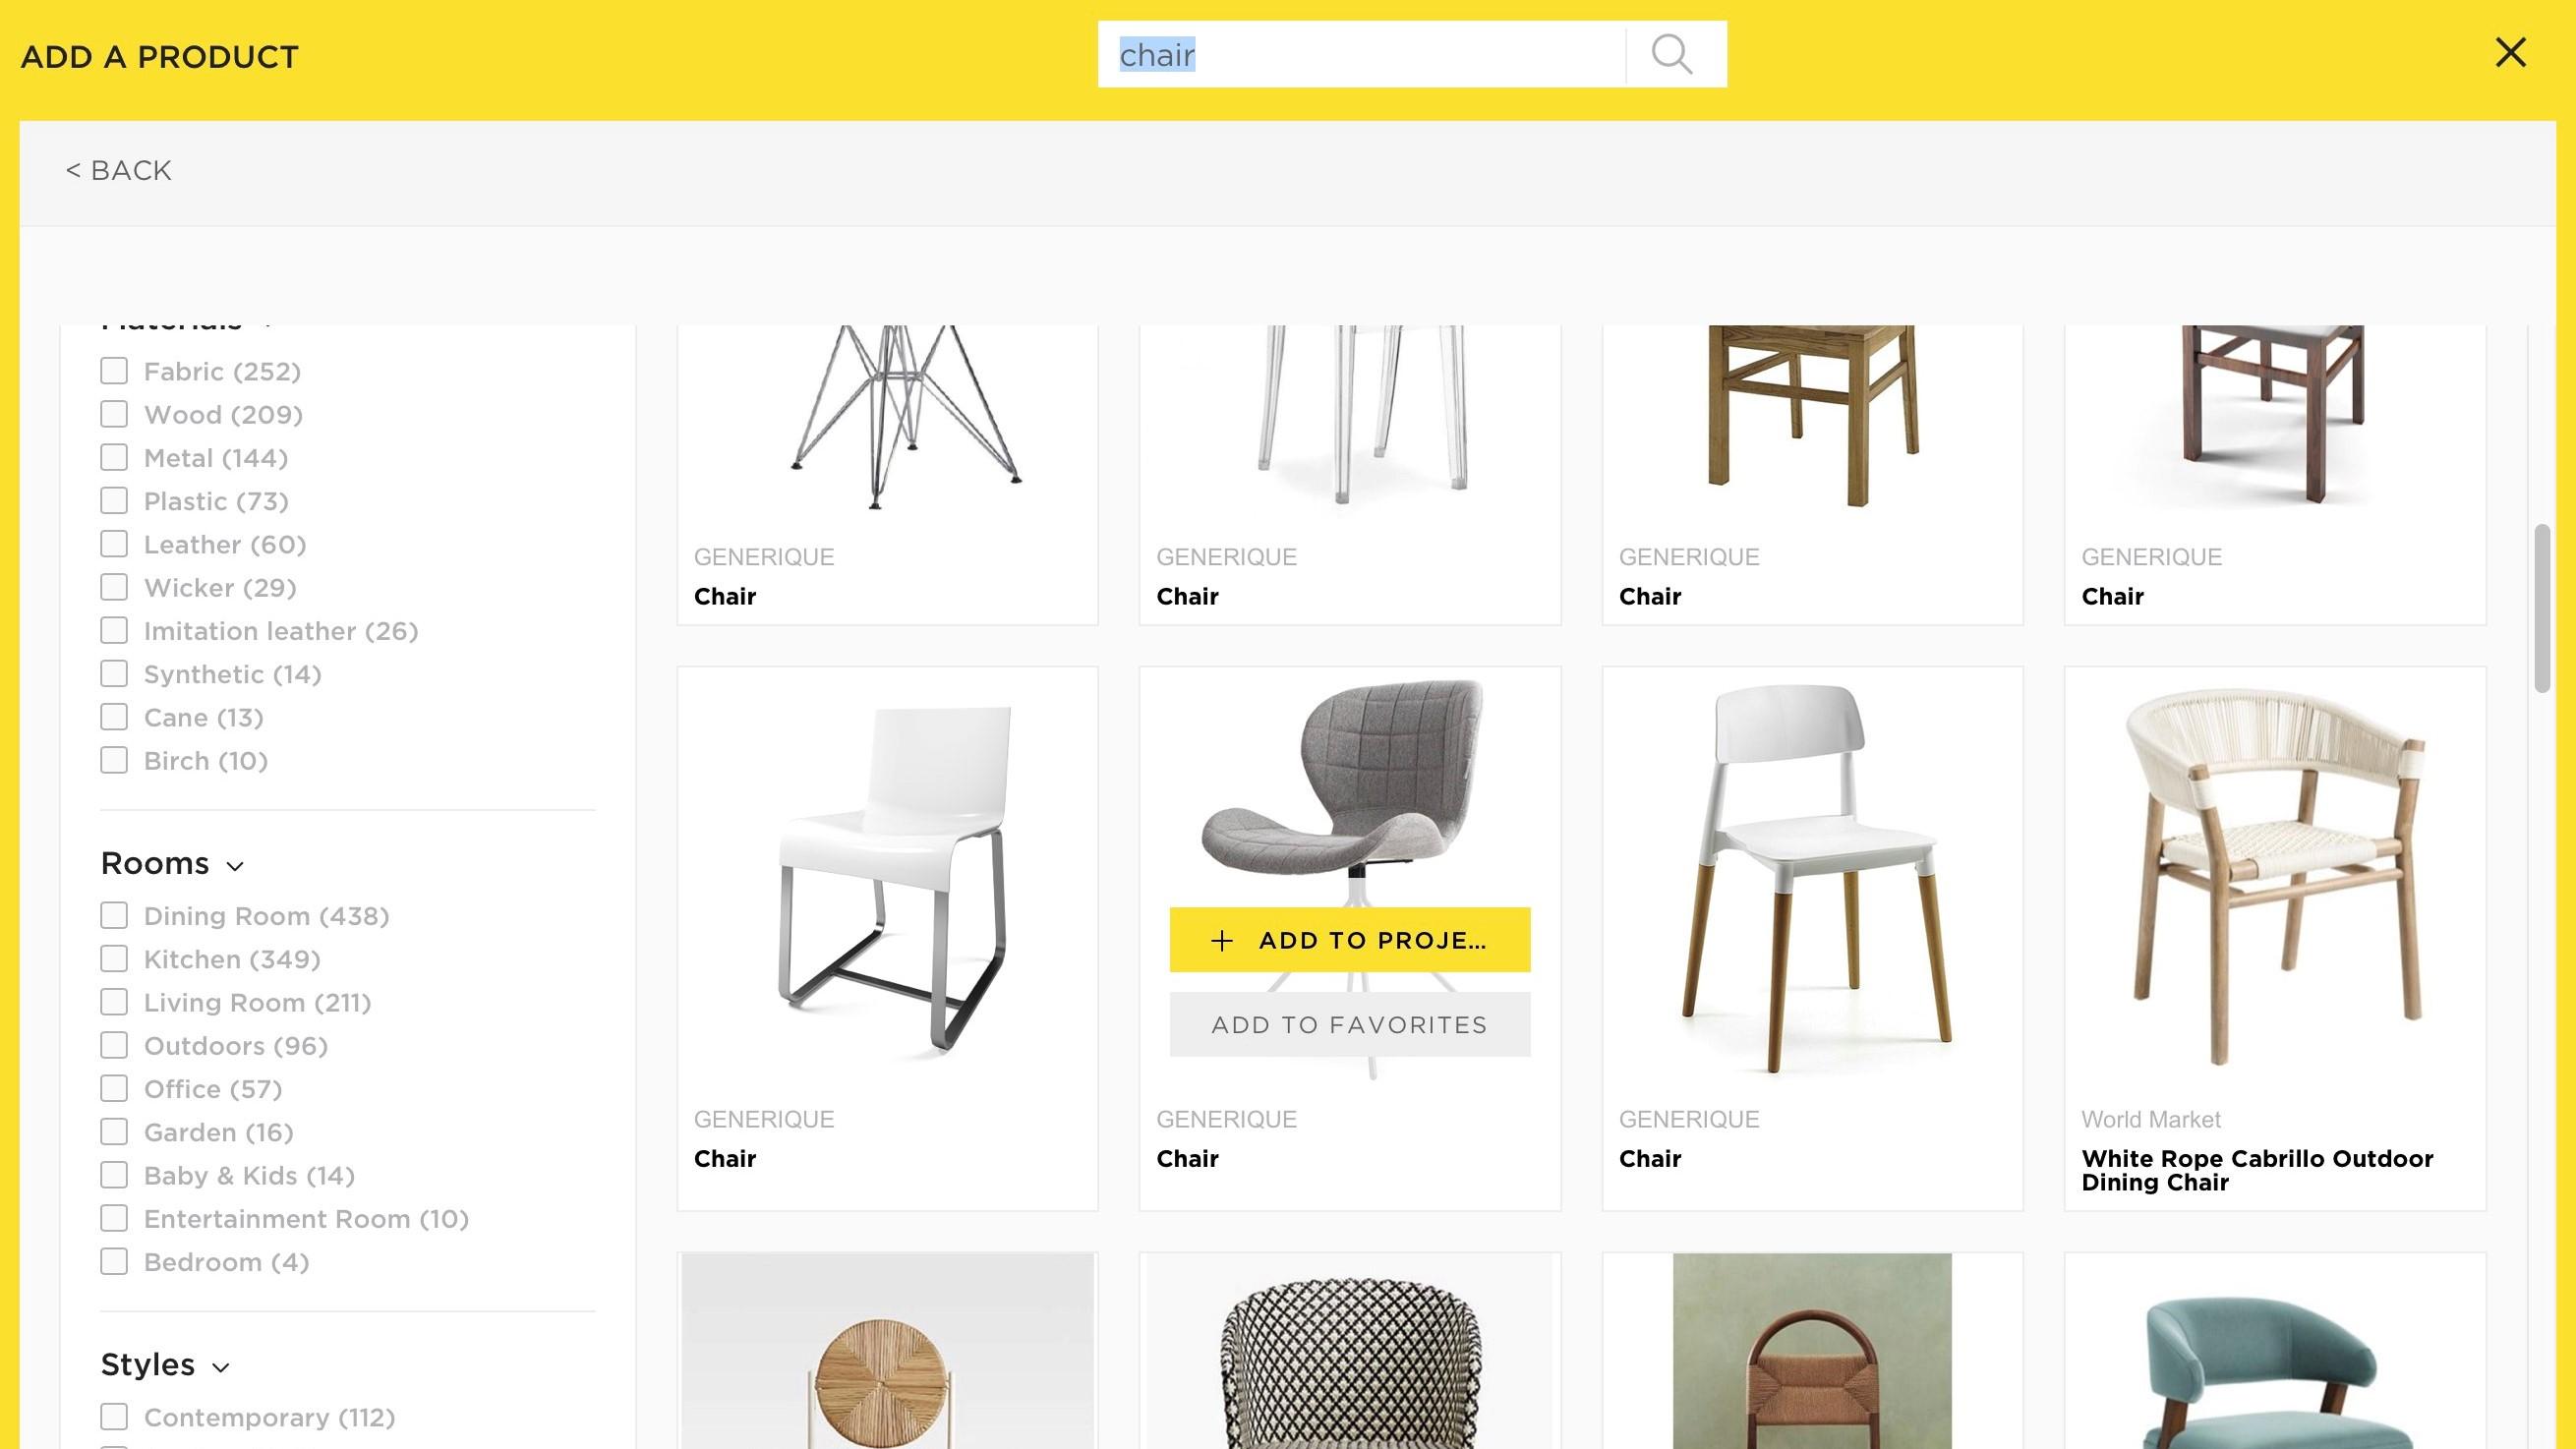 Choose a Chair